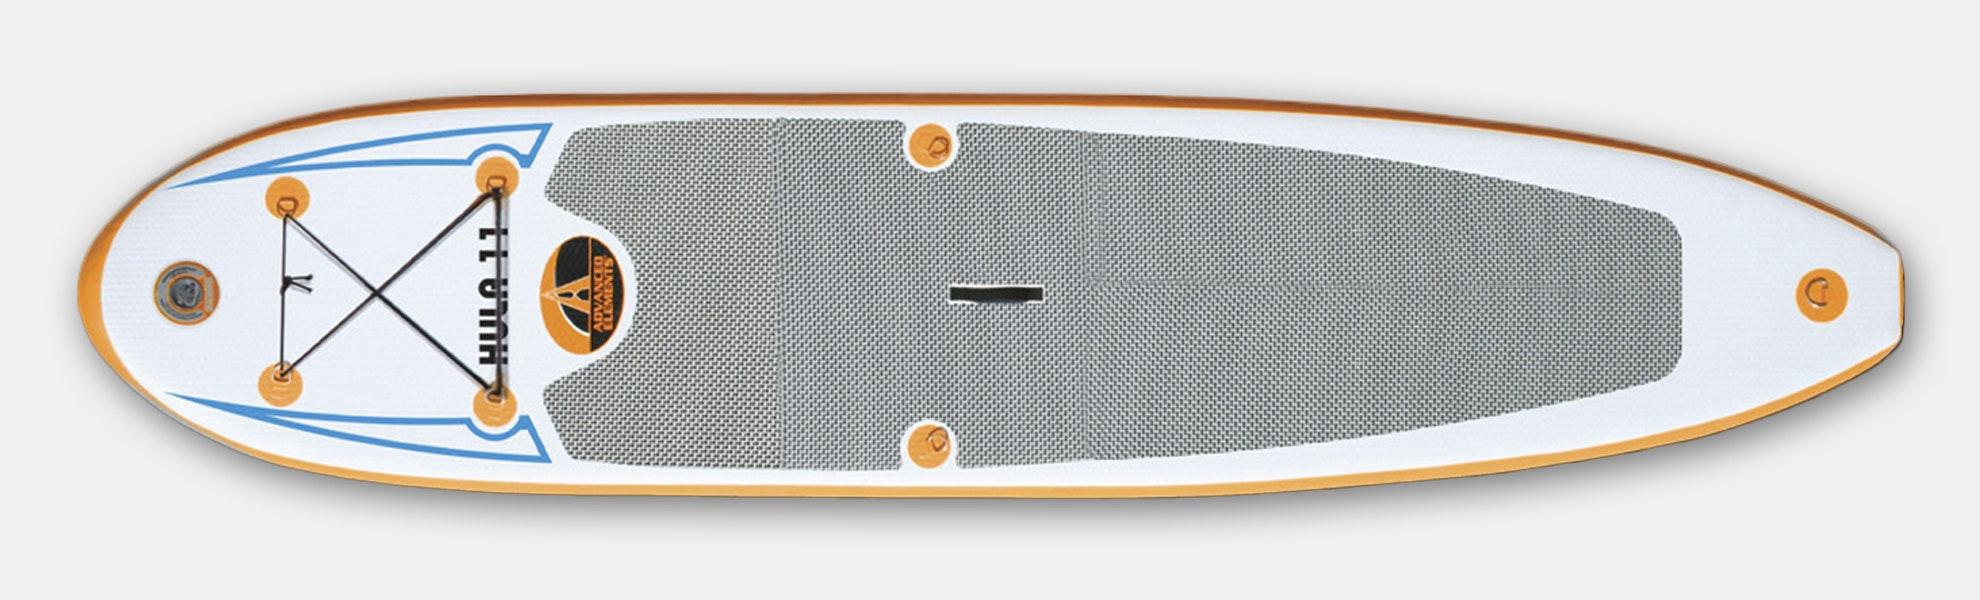 Advanced Elements Hula 11 Stand-Up Paddleboard